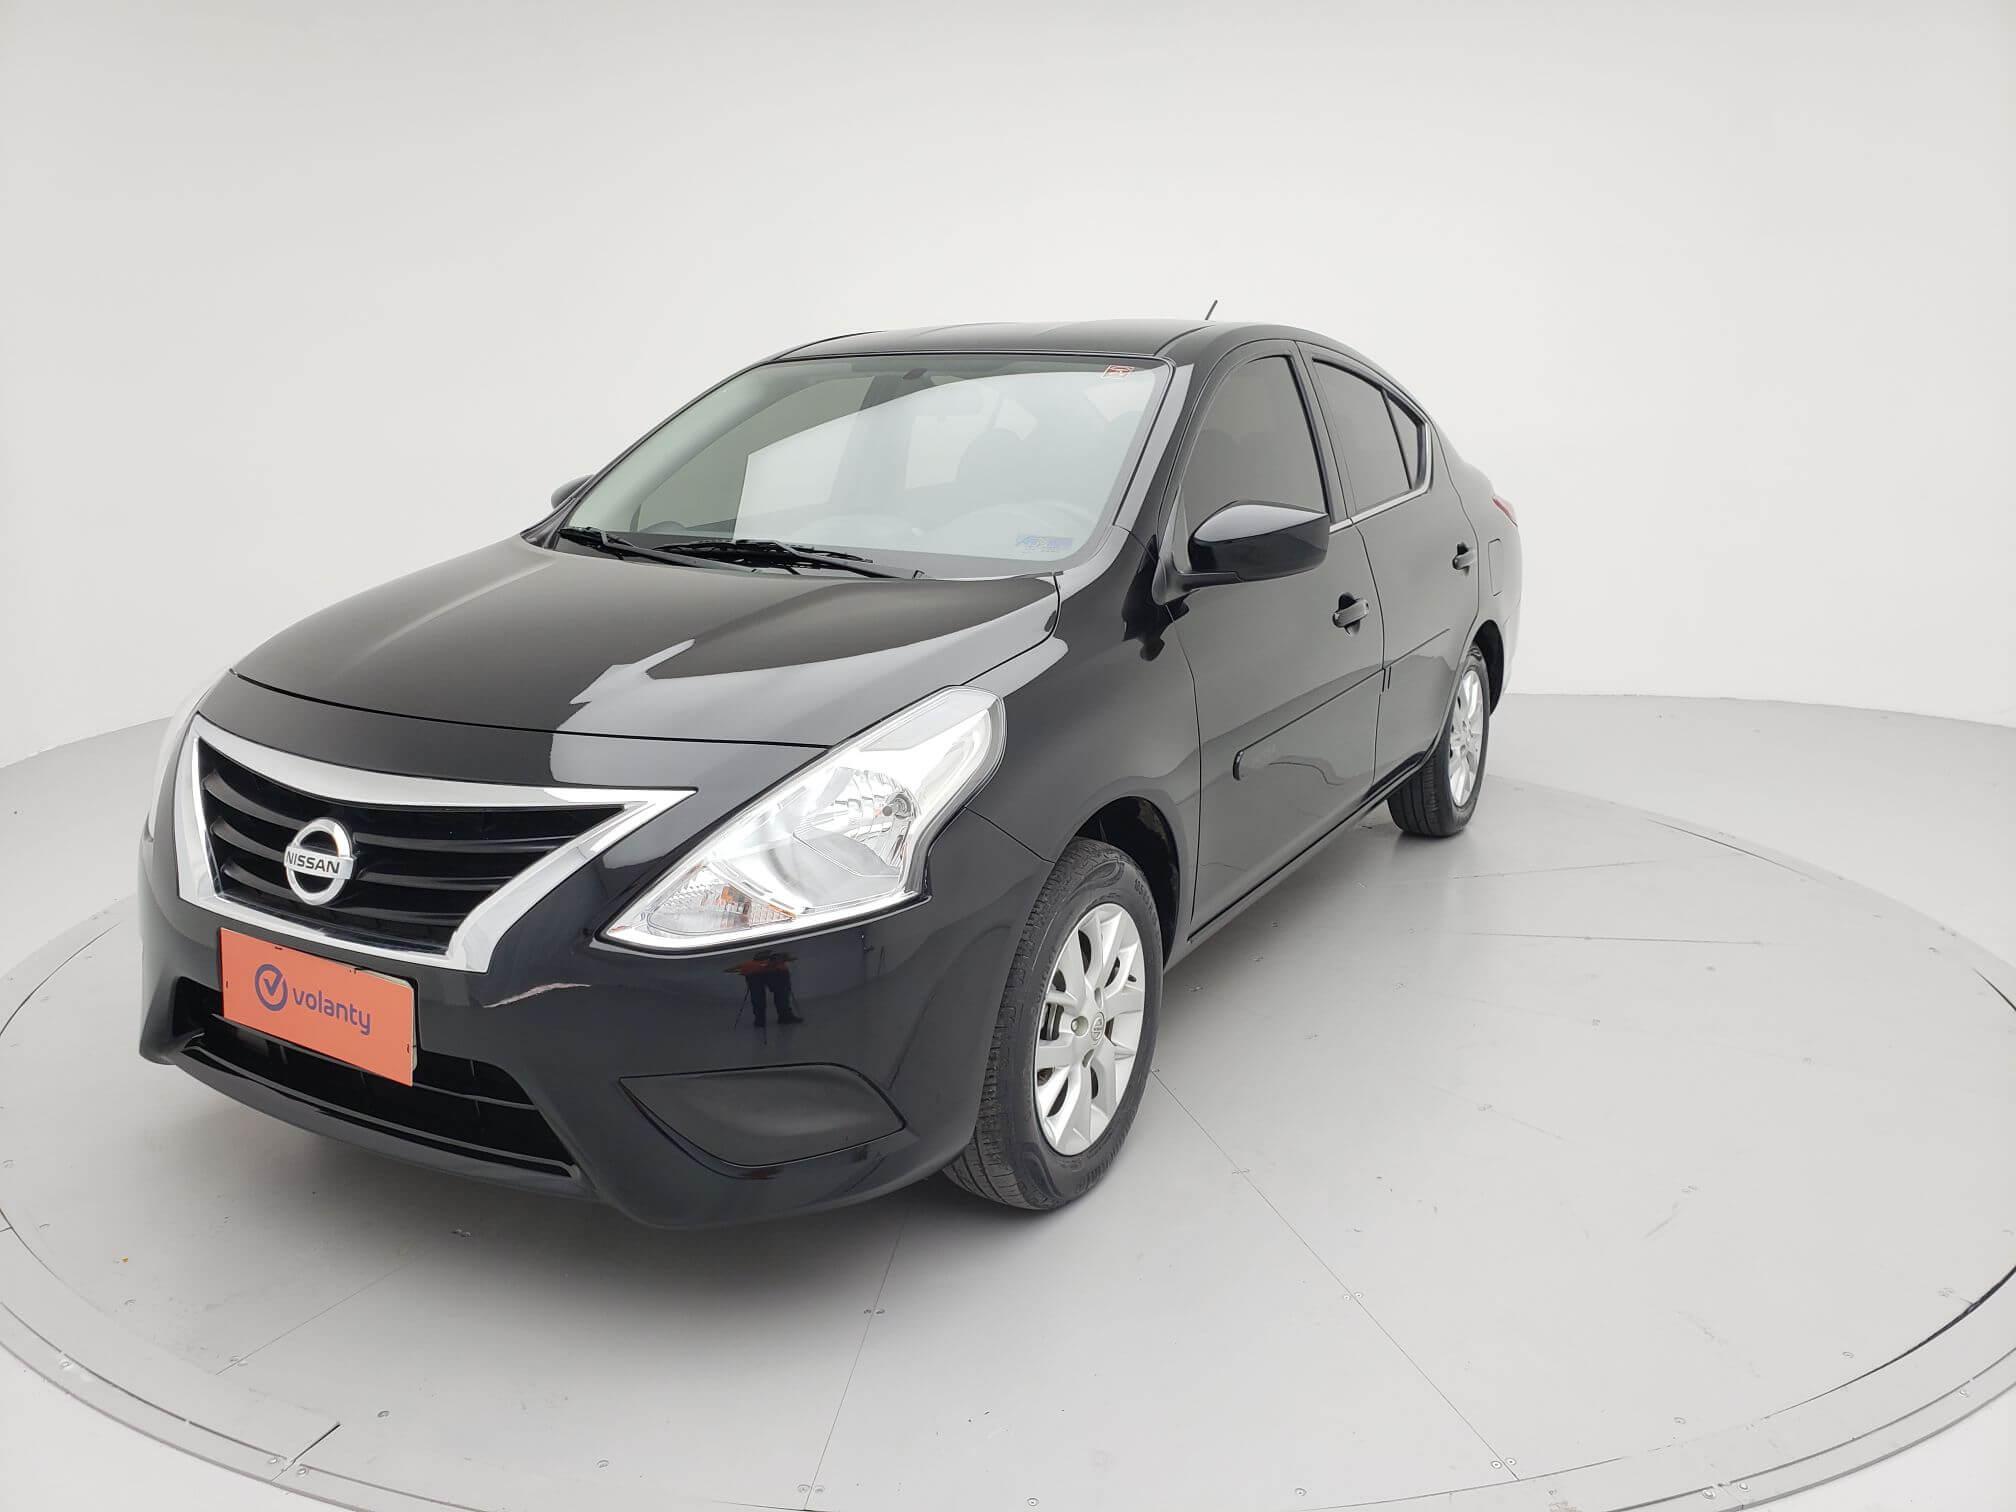 Imagem do Nissan Versa